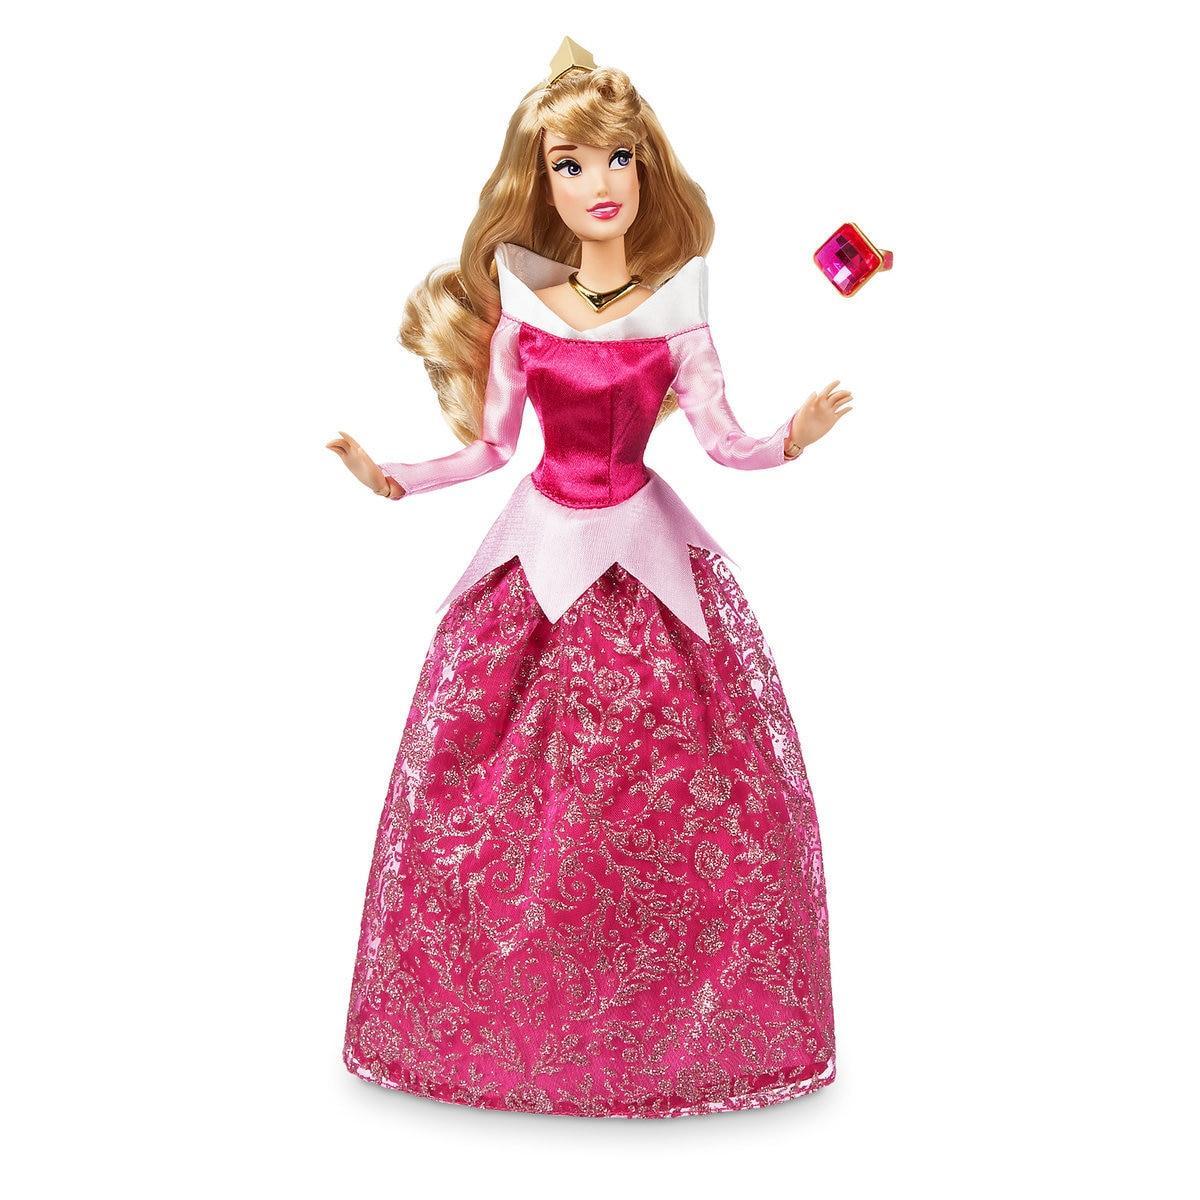 Аврора спящая красавица классическая кукла принцесса ДИСНЕЙ / DISNEY